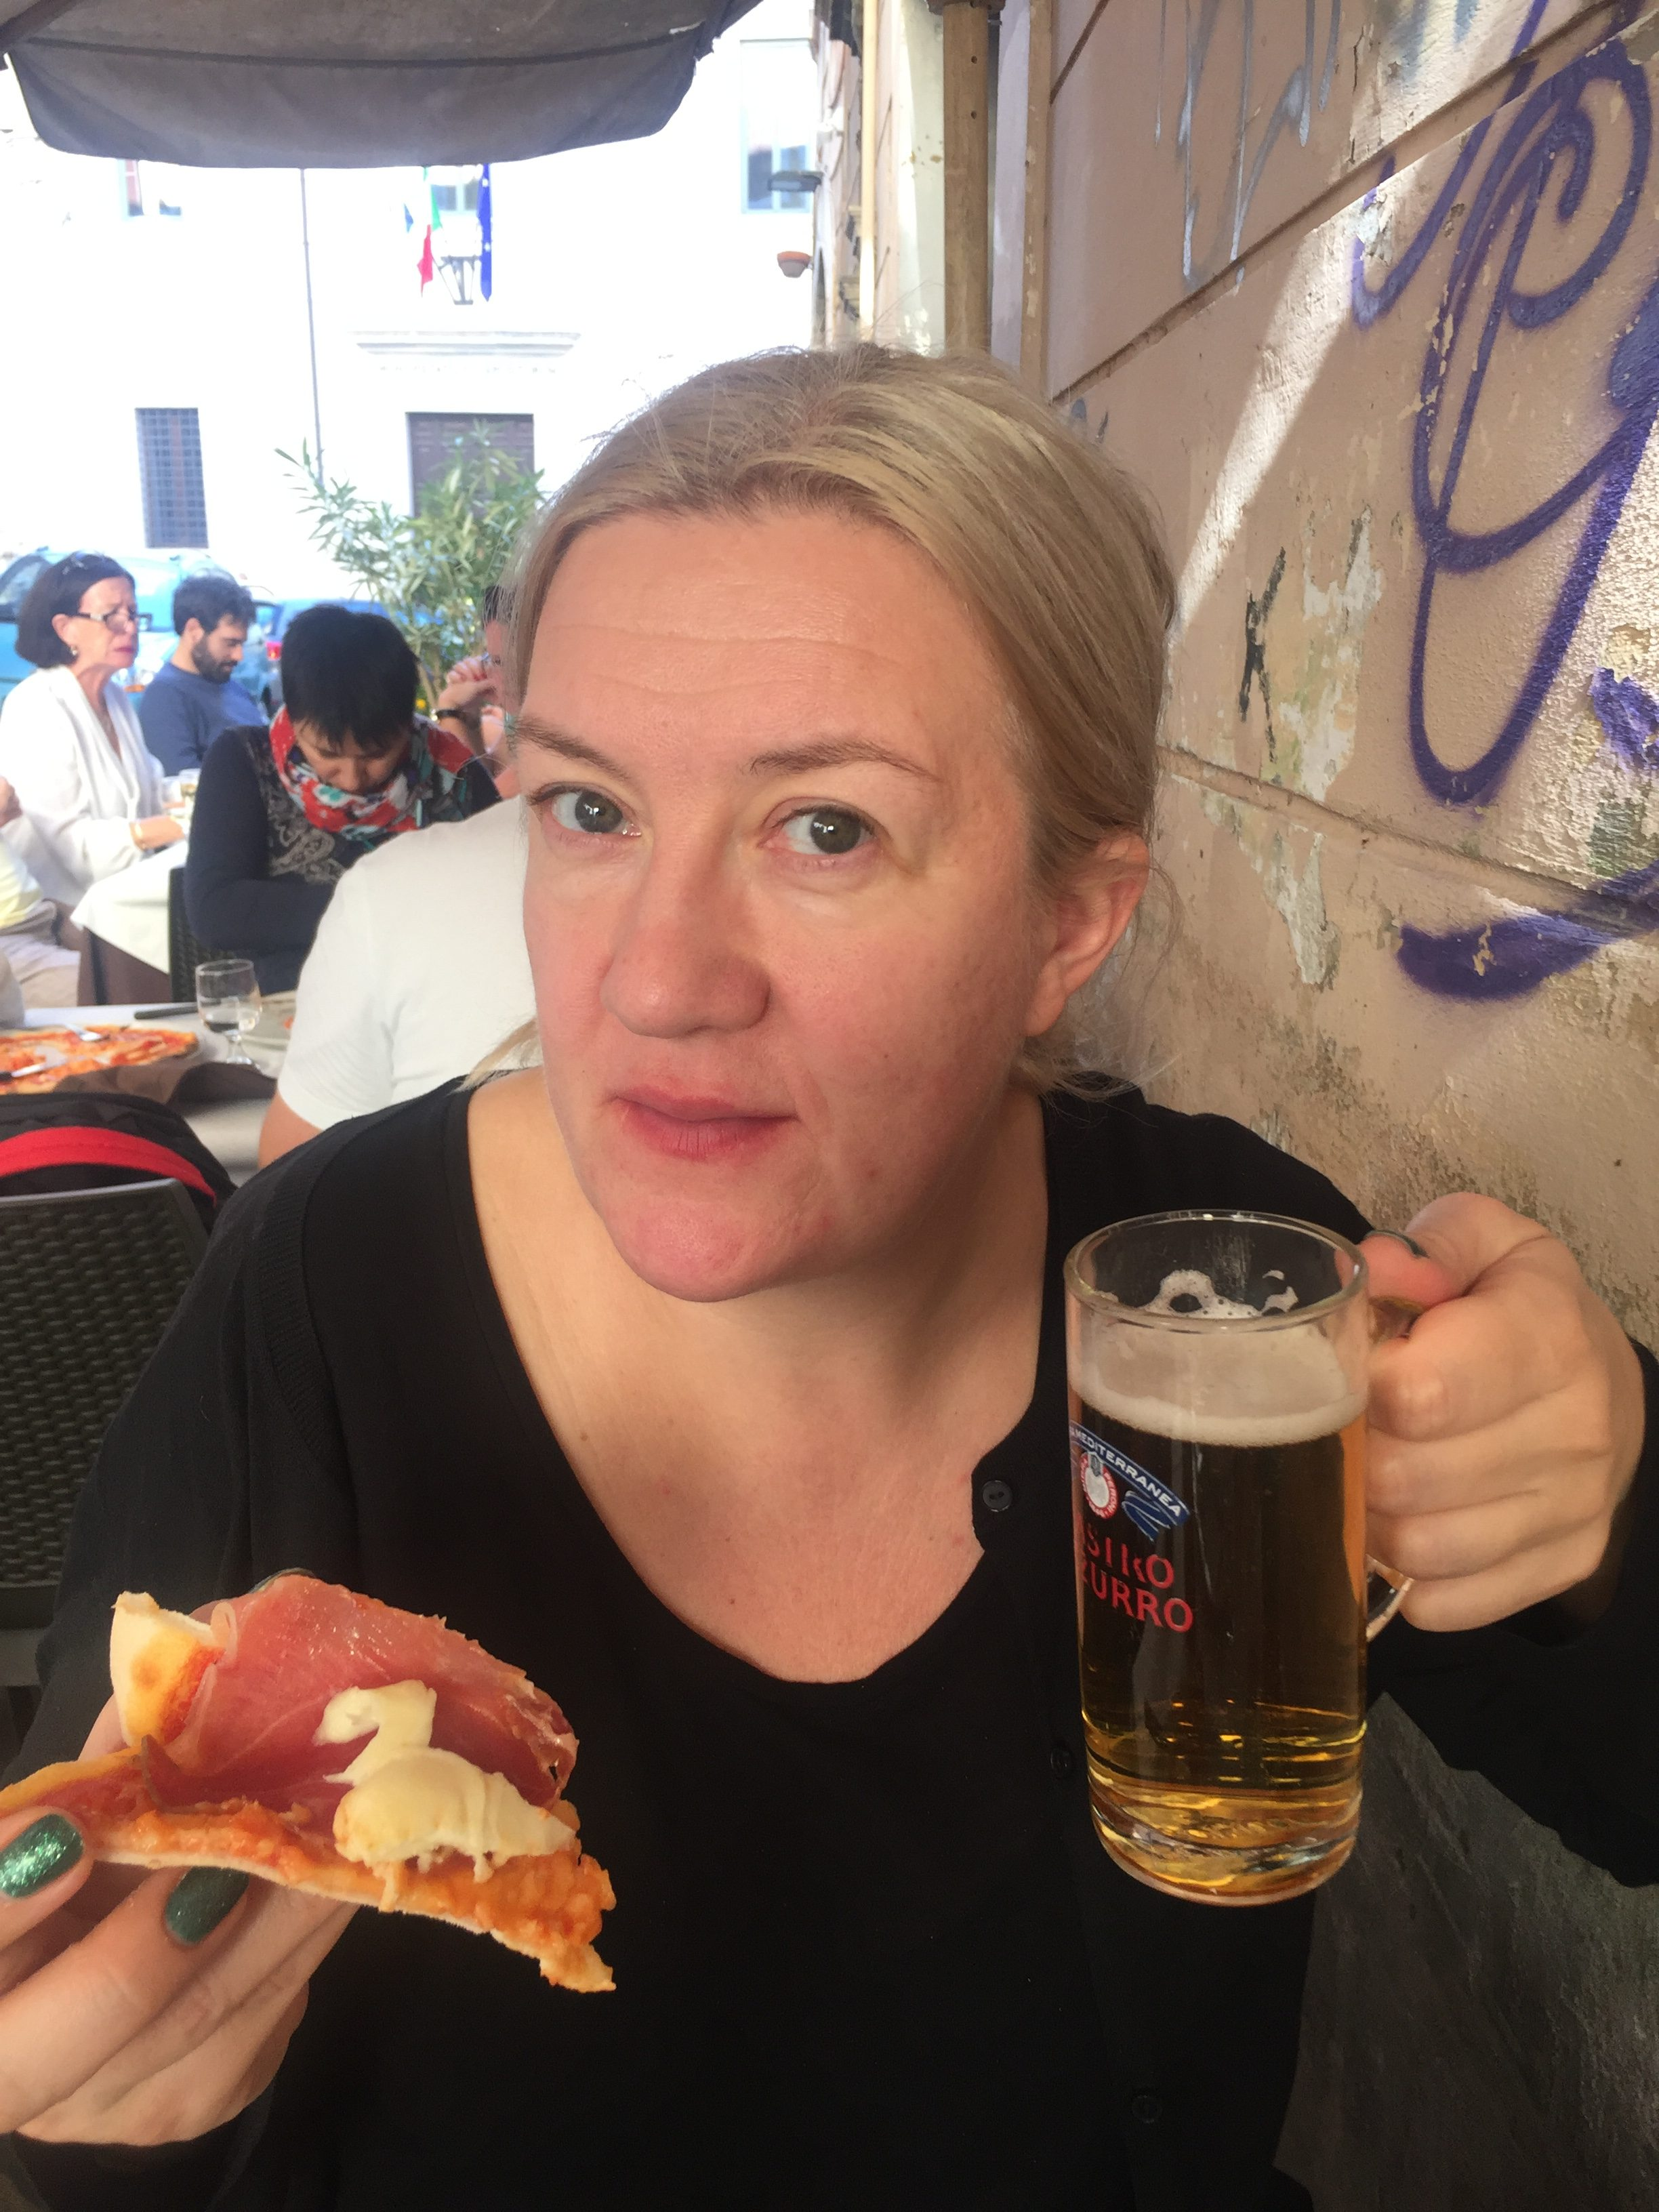 Jakten på riktig god glutenfri mat går vidare, och jag har goda nyheter för den som ska till Rom!   Jag har varit i Rom igen. Den här gången lyckades jag inte bara äta fantastisk pasta...